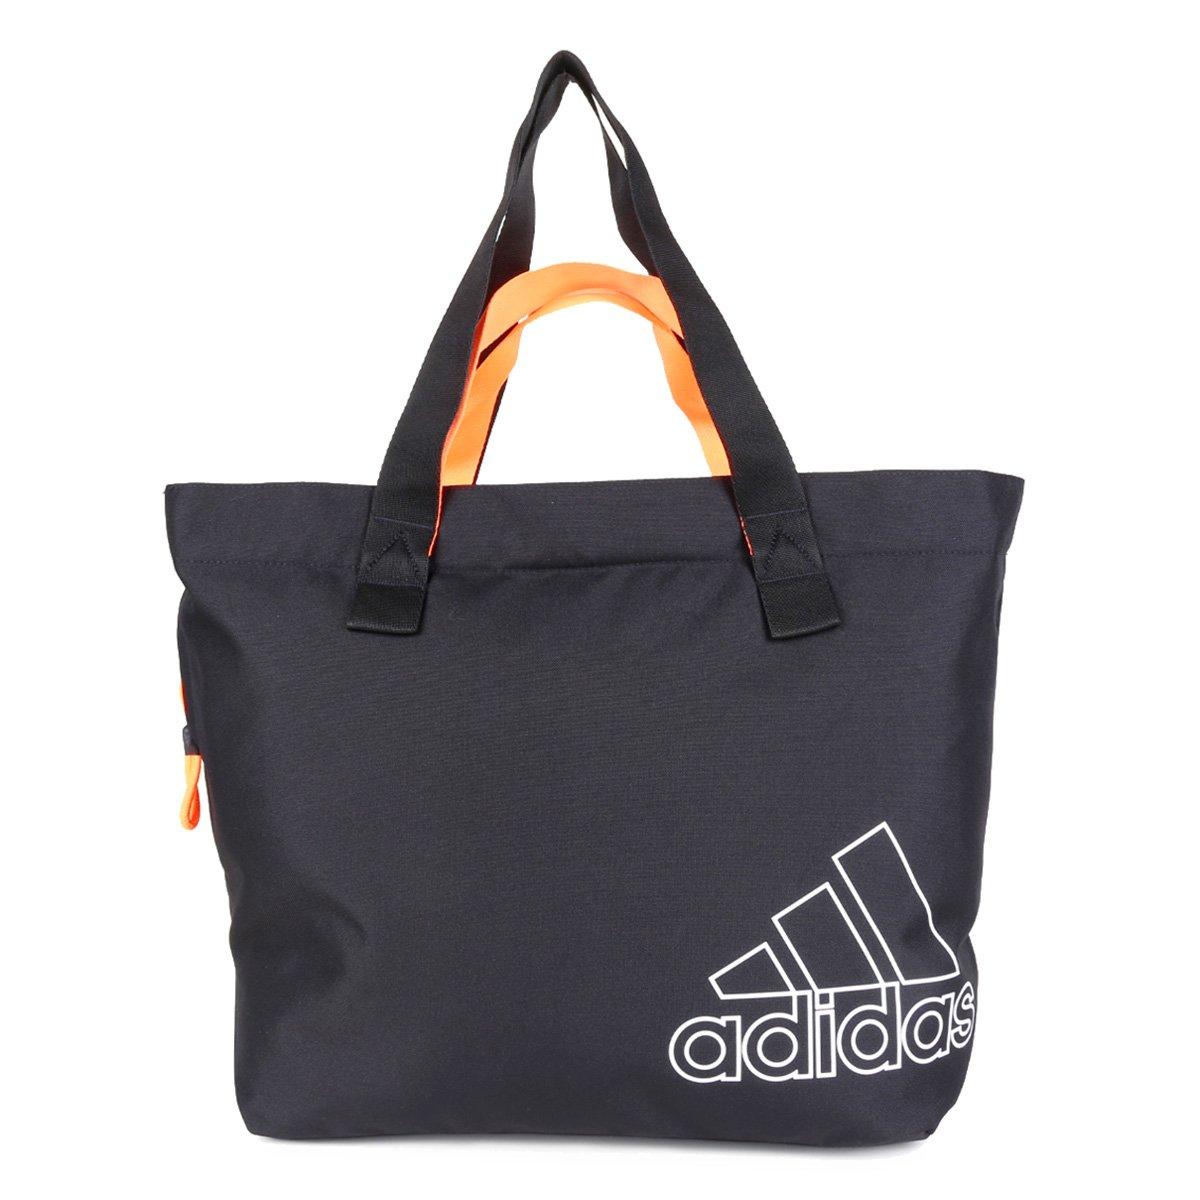 Bolsa Adidas Tote Sports Feminina